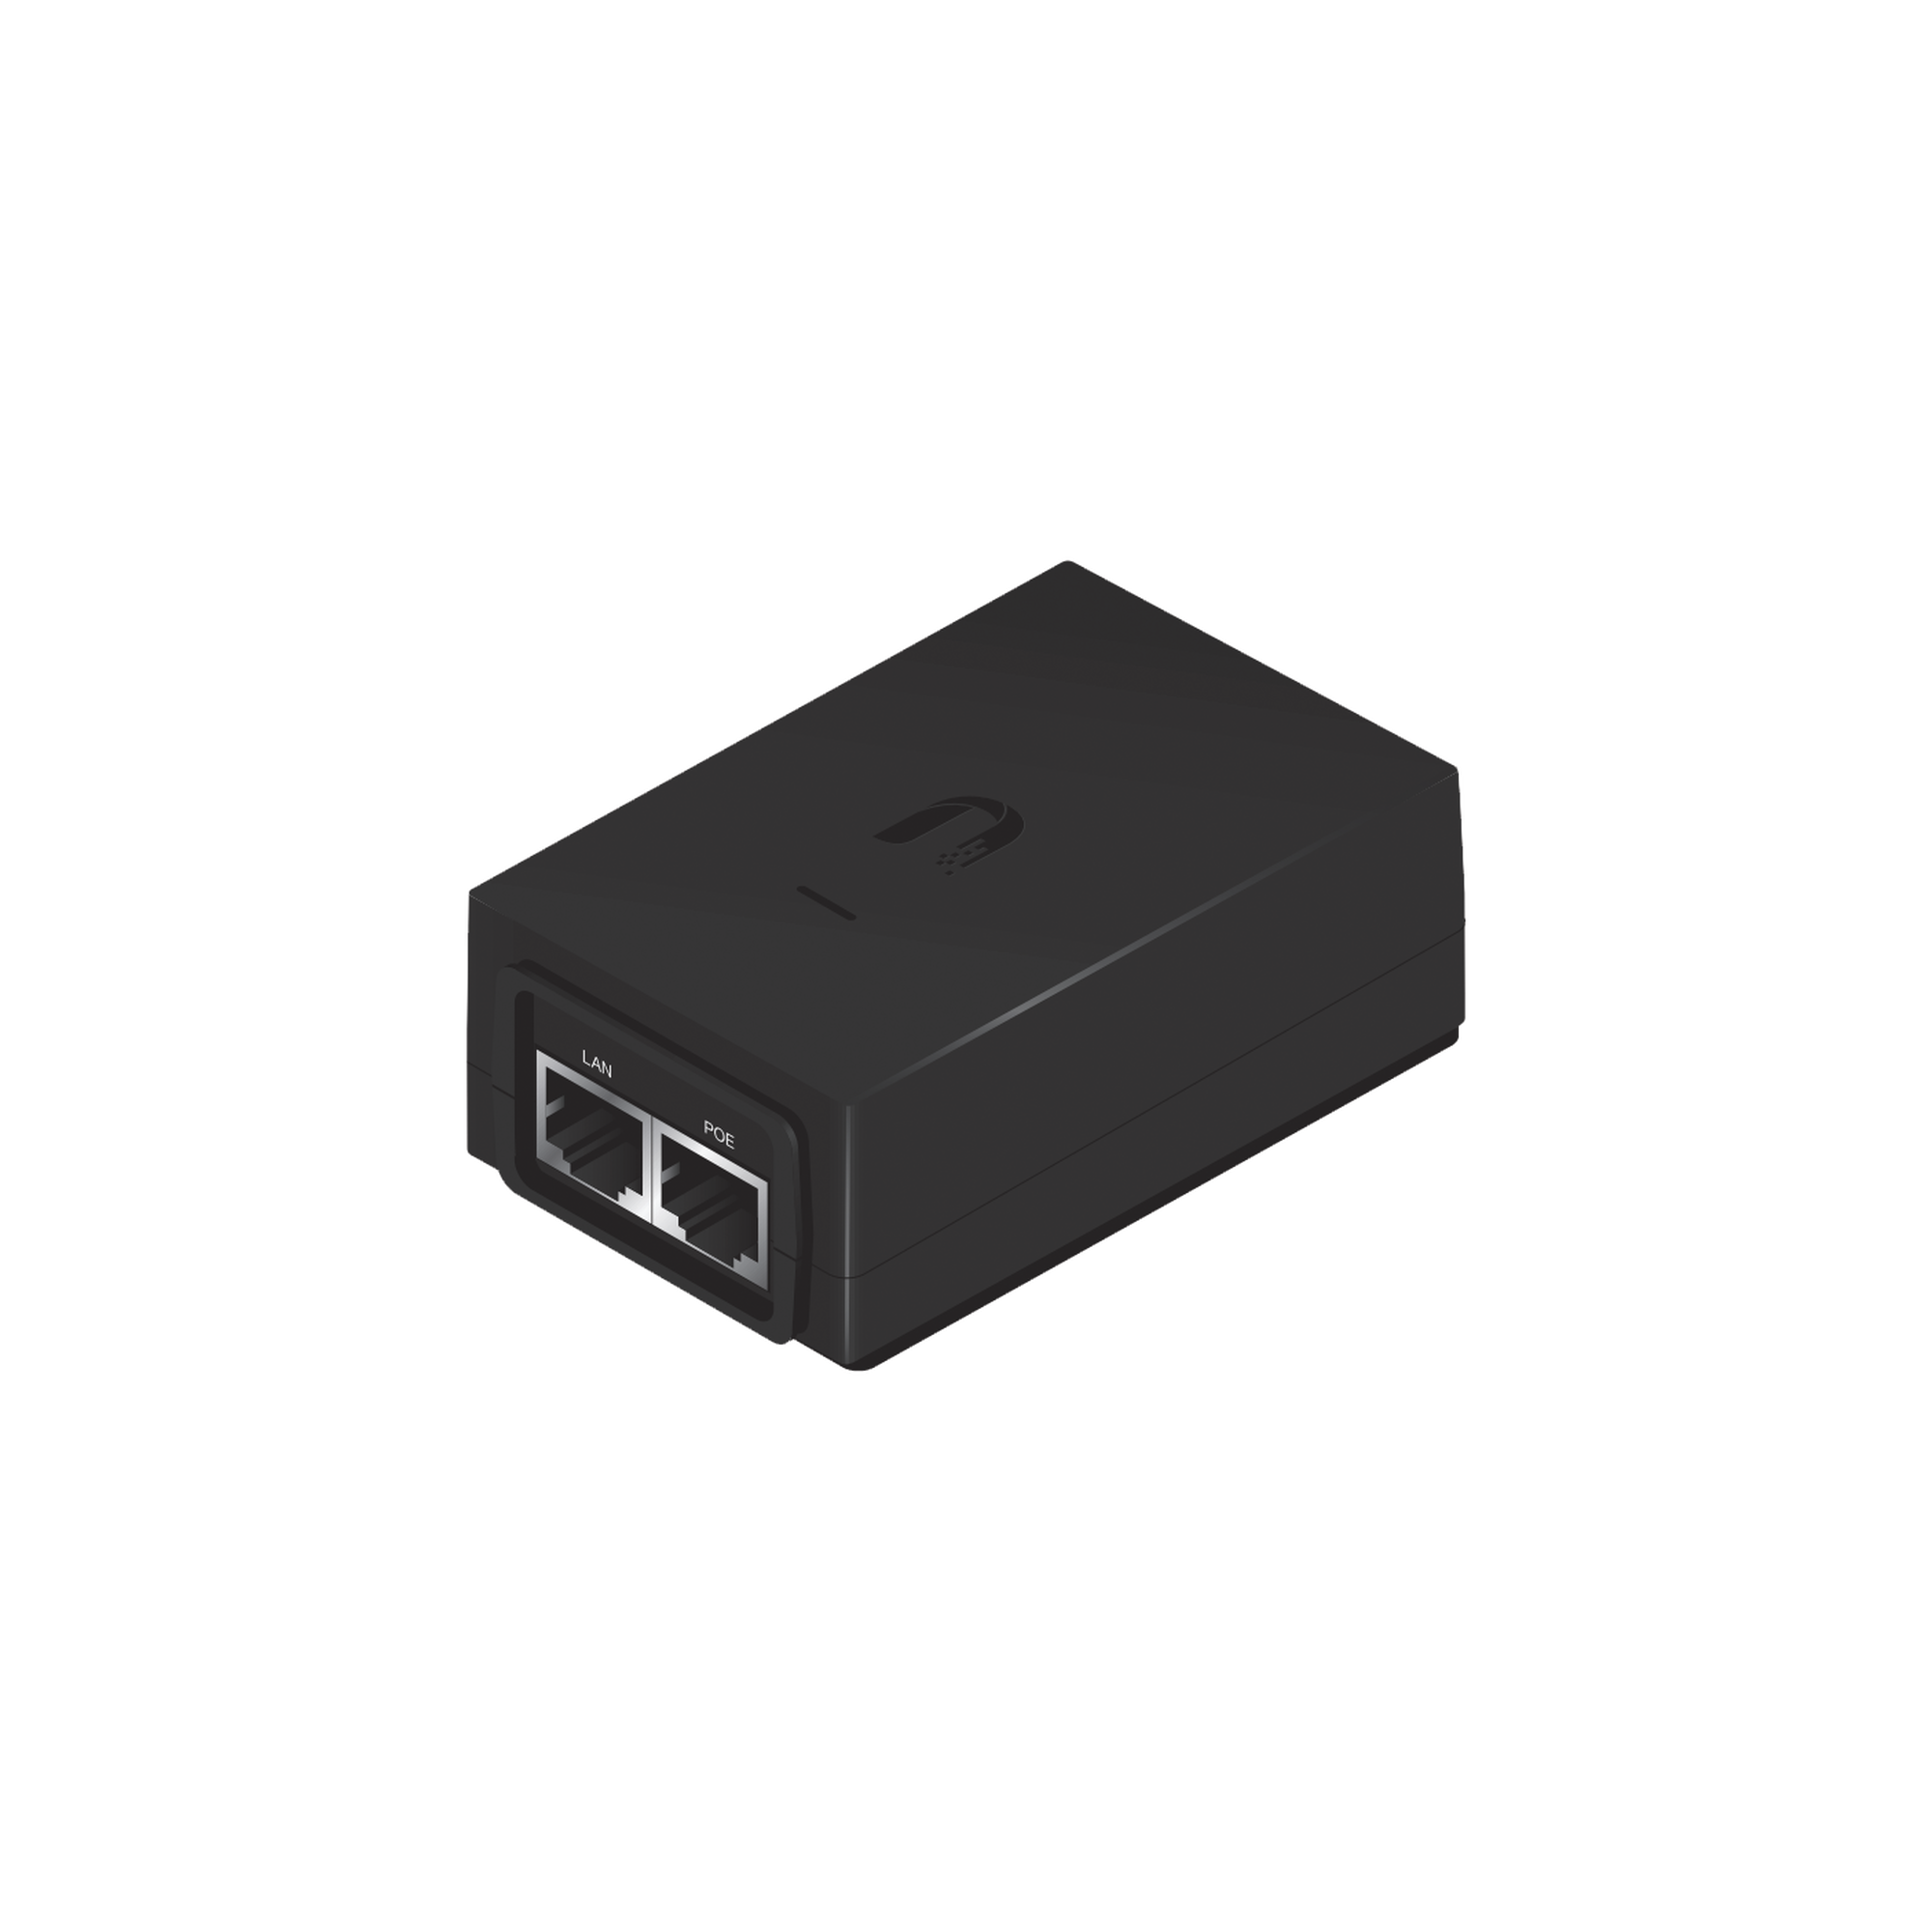 Adaptador PoE Ubiquiti de 48 VDC, 0.5 A